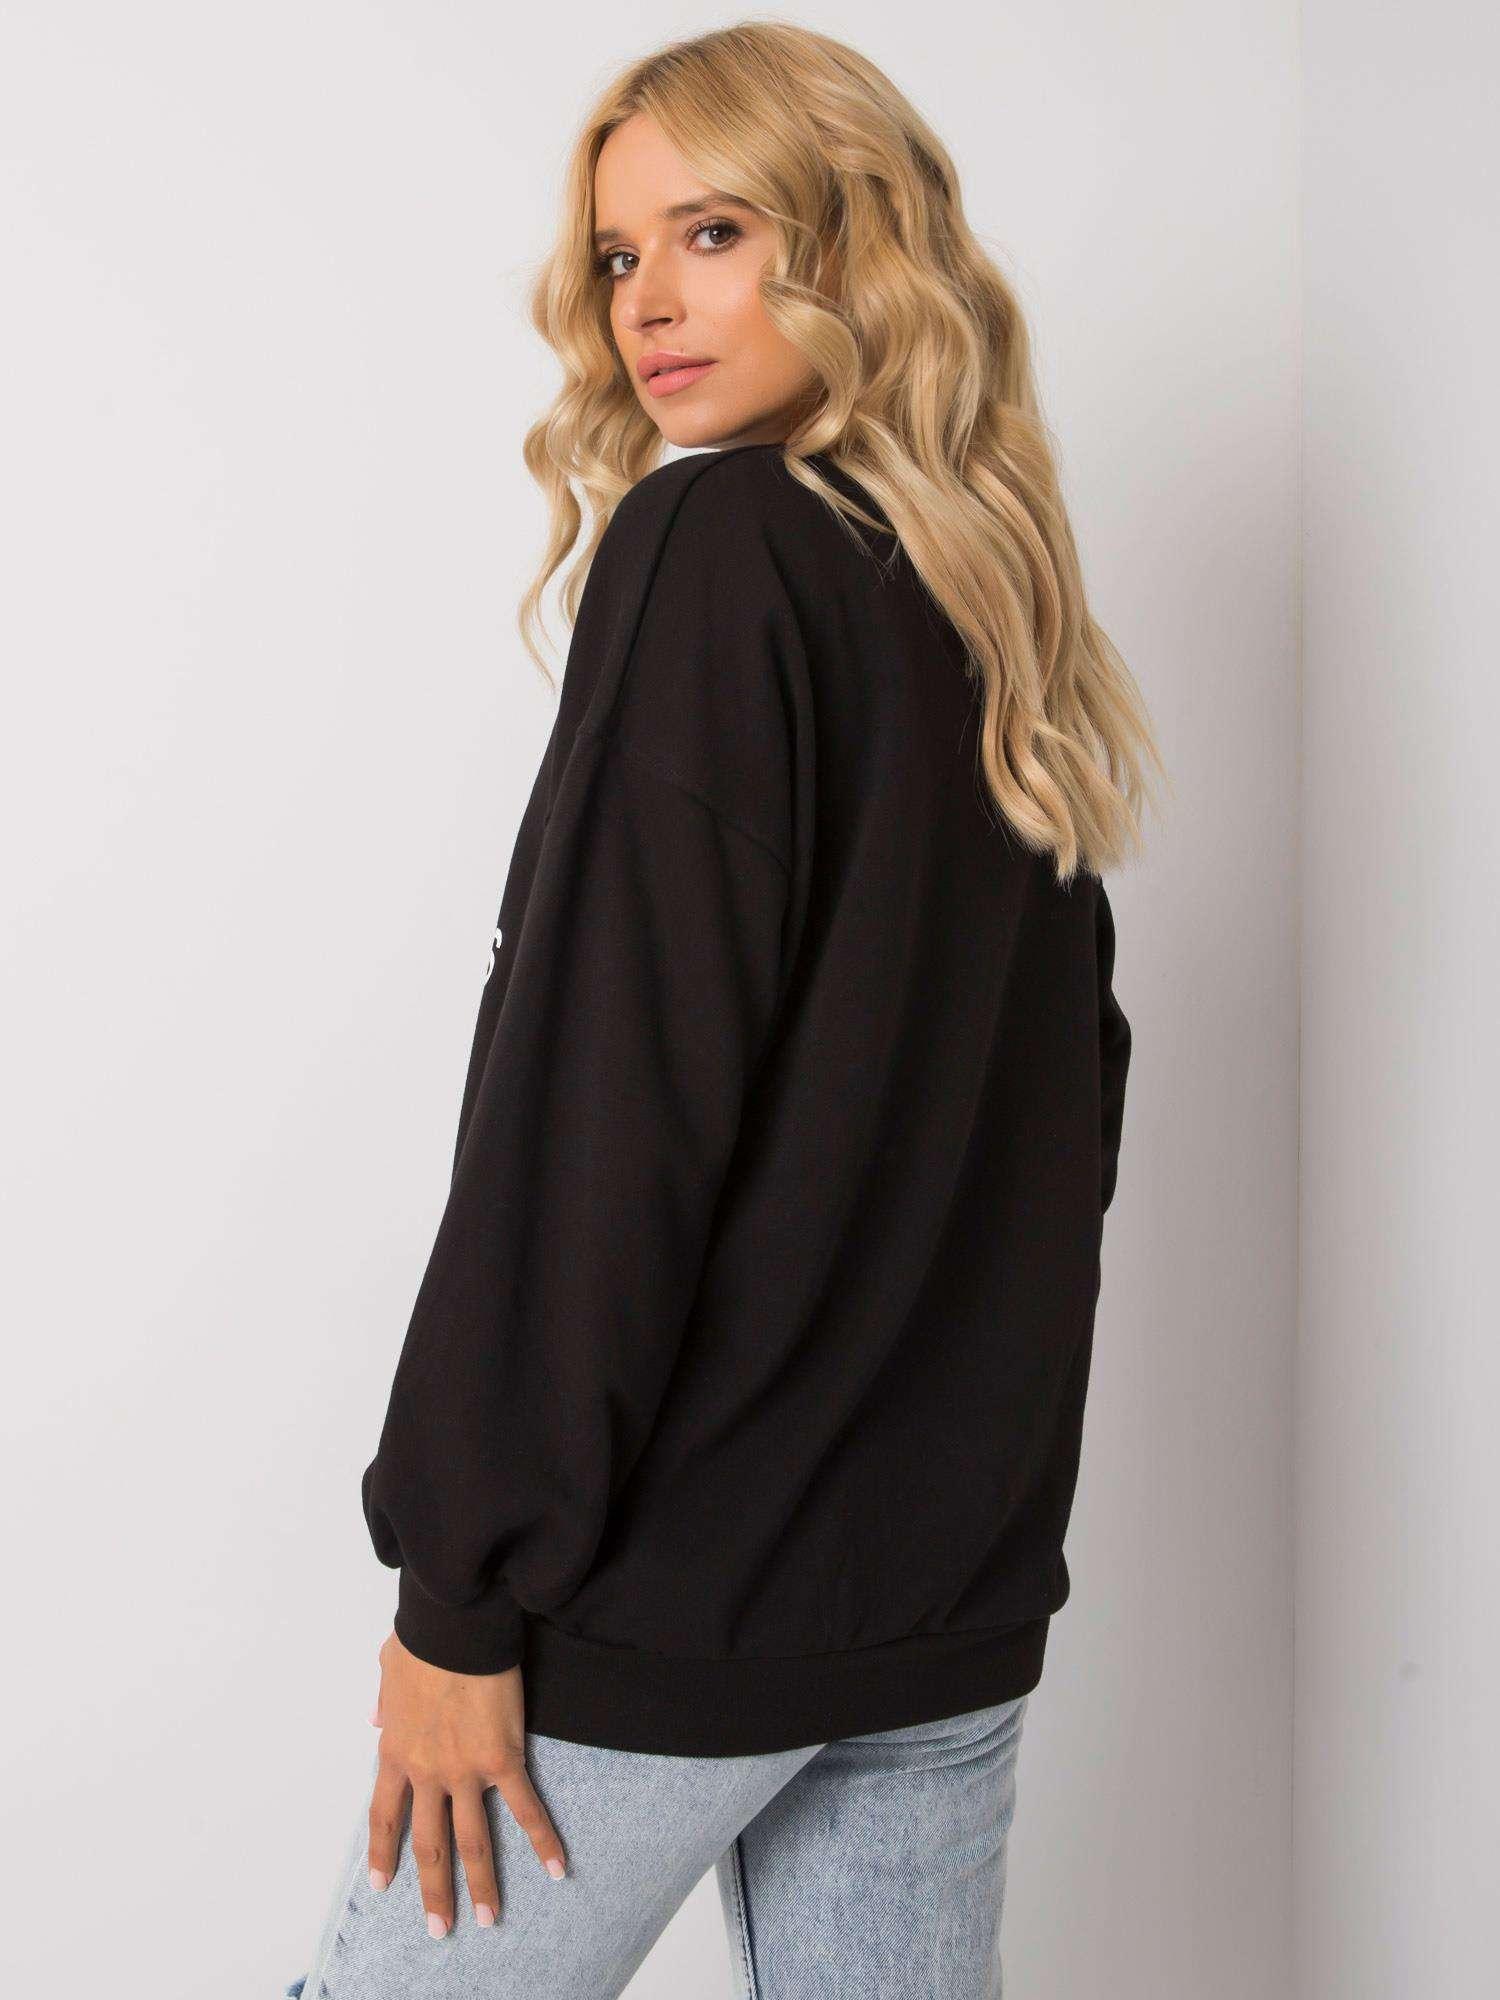 Sweatshirt in Schwarz mit weißem Frontprint Rückansicht